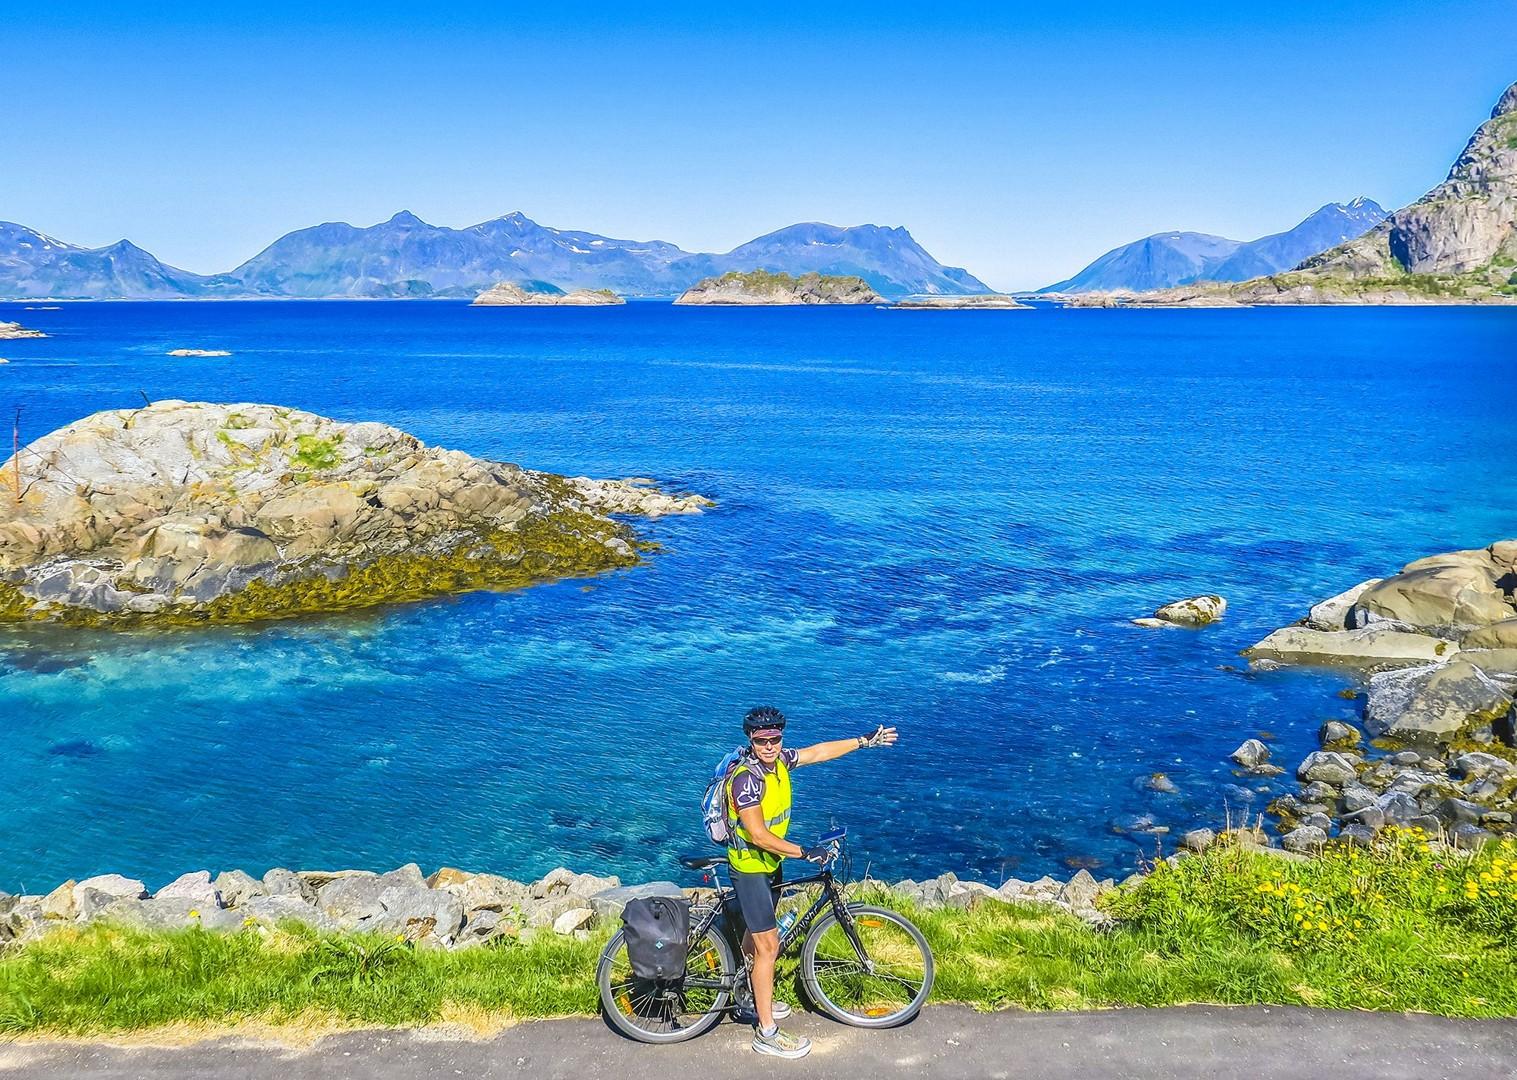 stunning-seas-lofoten-island-norway-self-guided-saddle-skedaddle-cycling-tour.jpg - Norway - Lofoten Islands - Self-Guided Leisure Cycling Holiday - Leisure Cycling